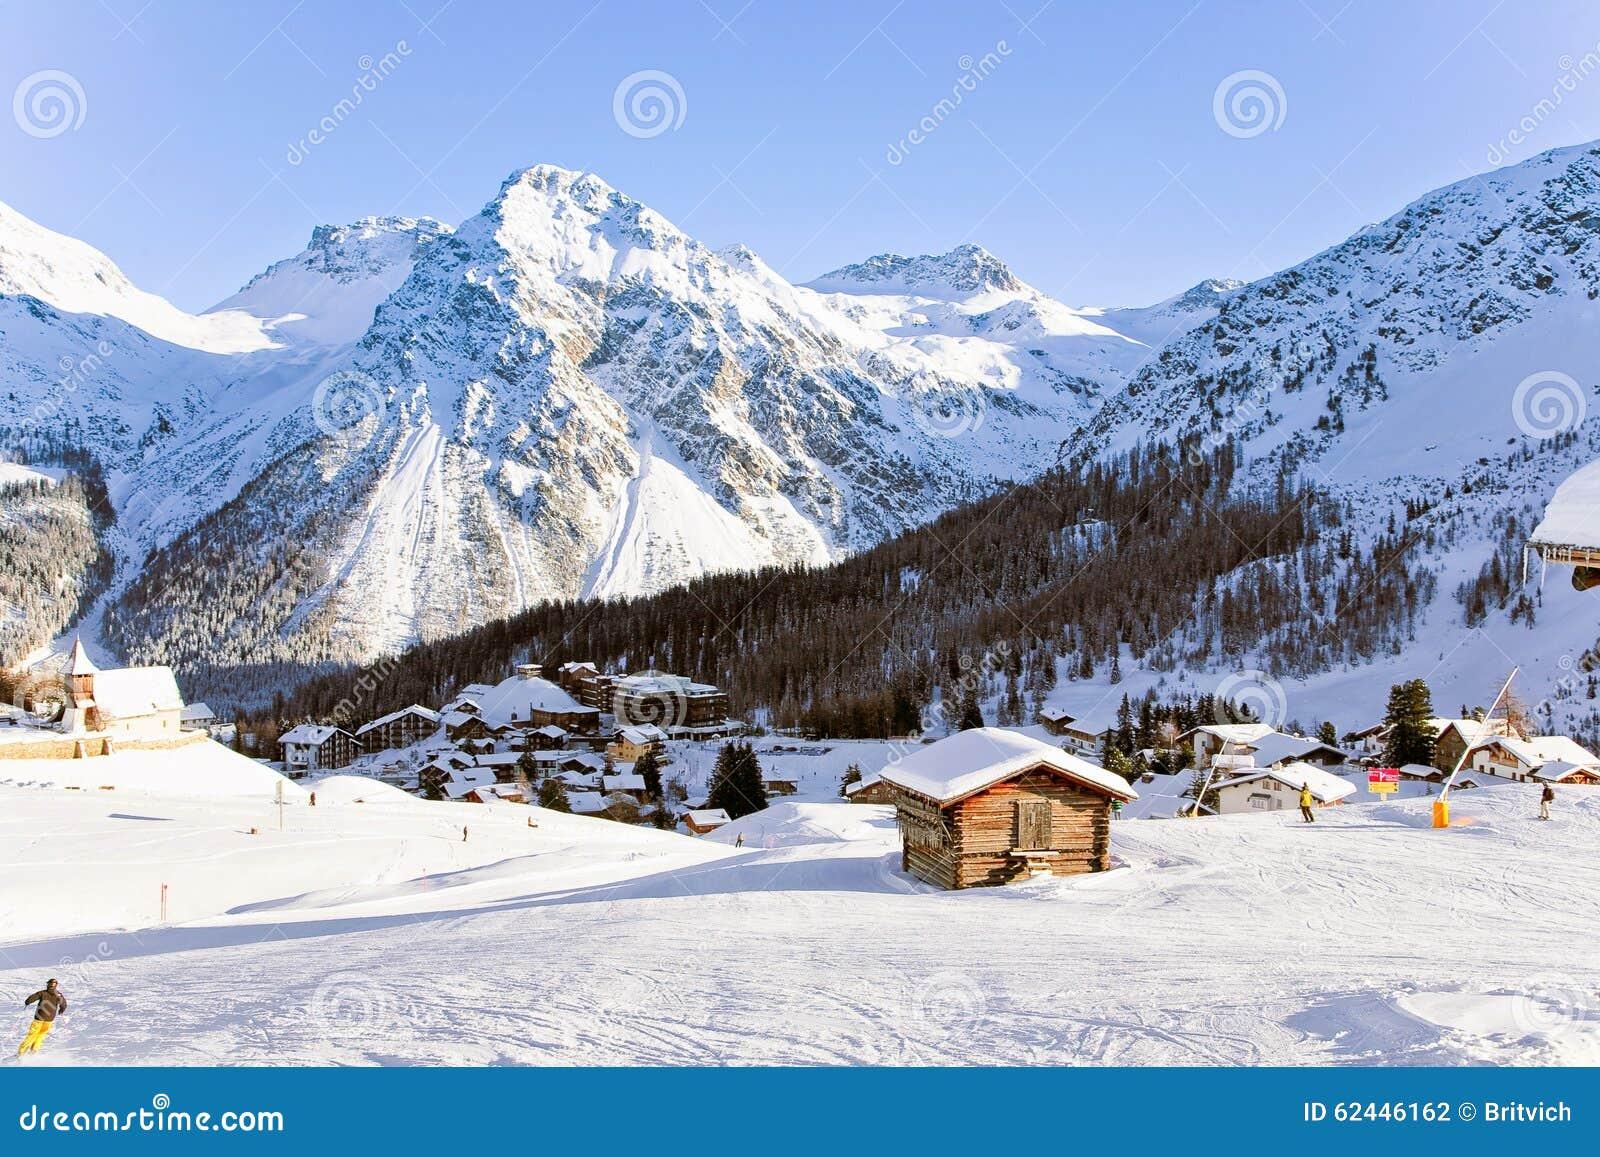 Swiss resort in Alps